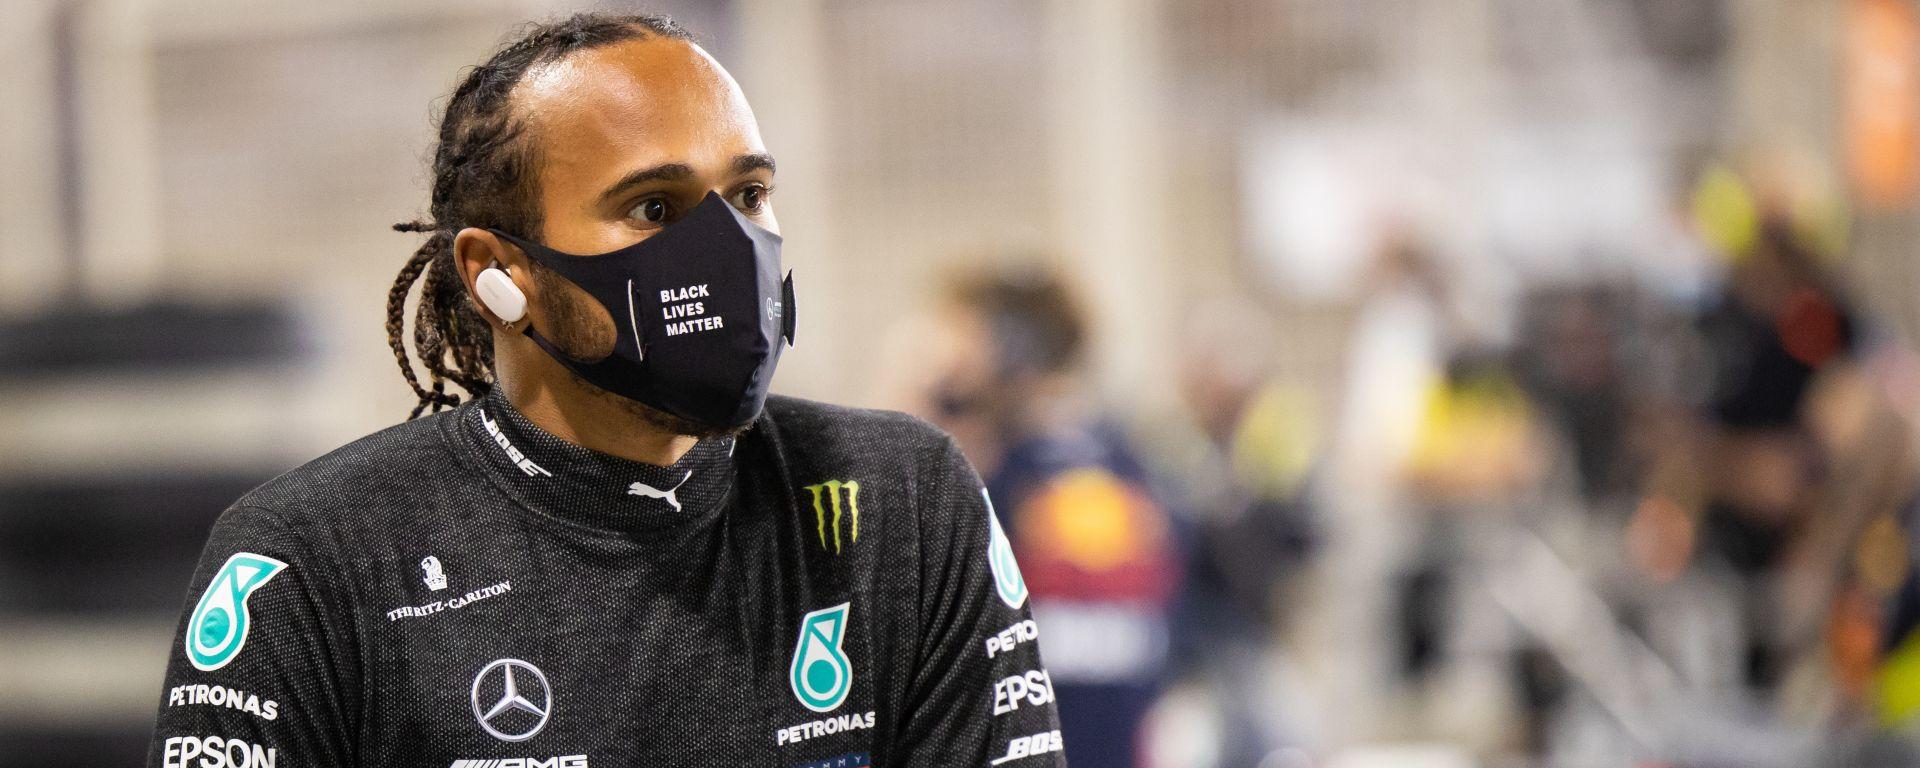 GP Bahrain 2020, Lewis Hamilton (Mercedes)